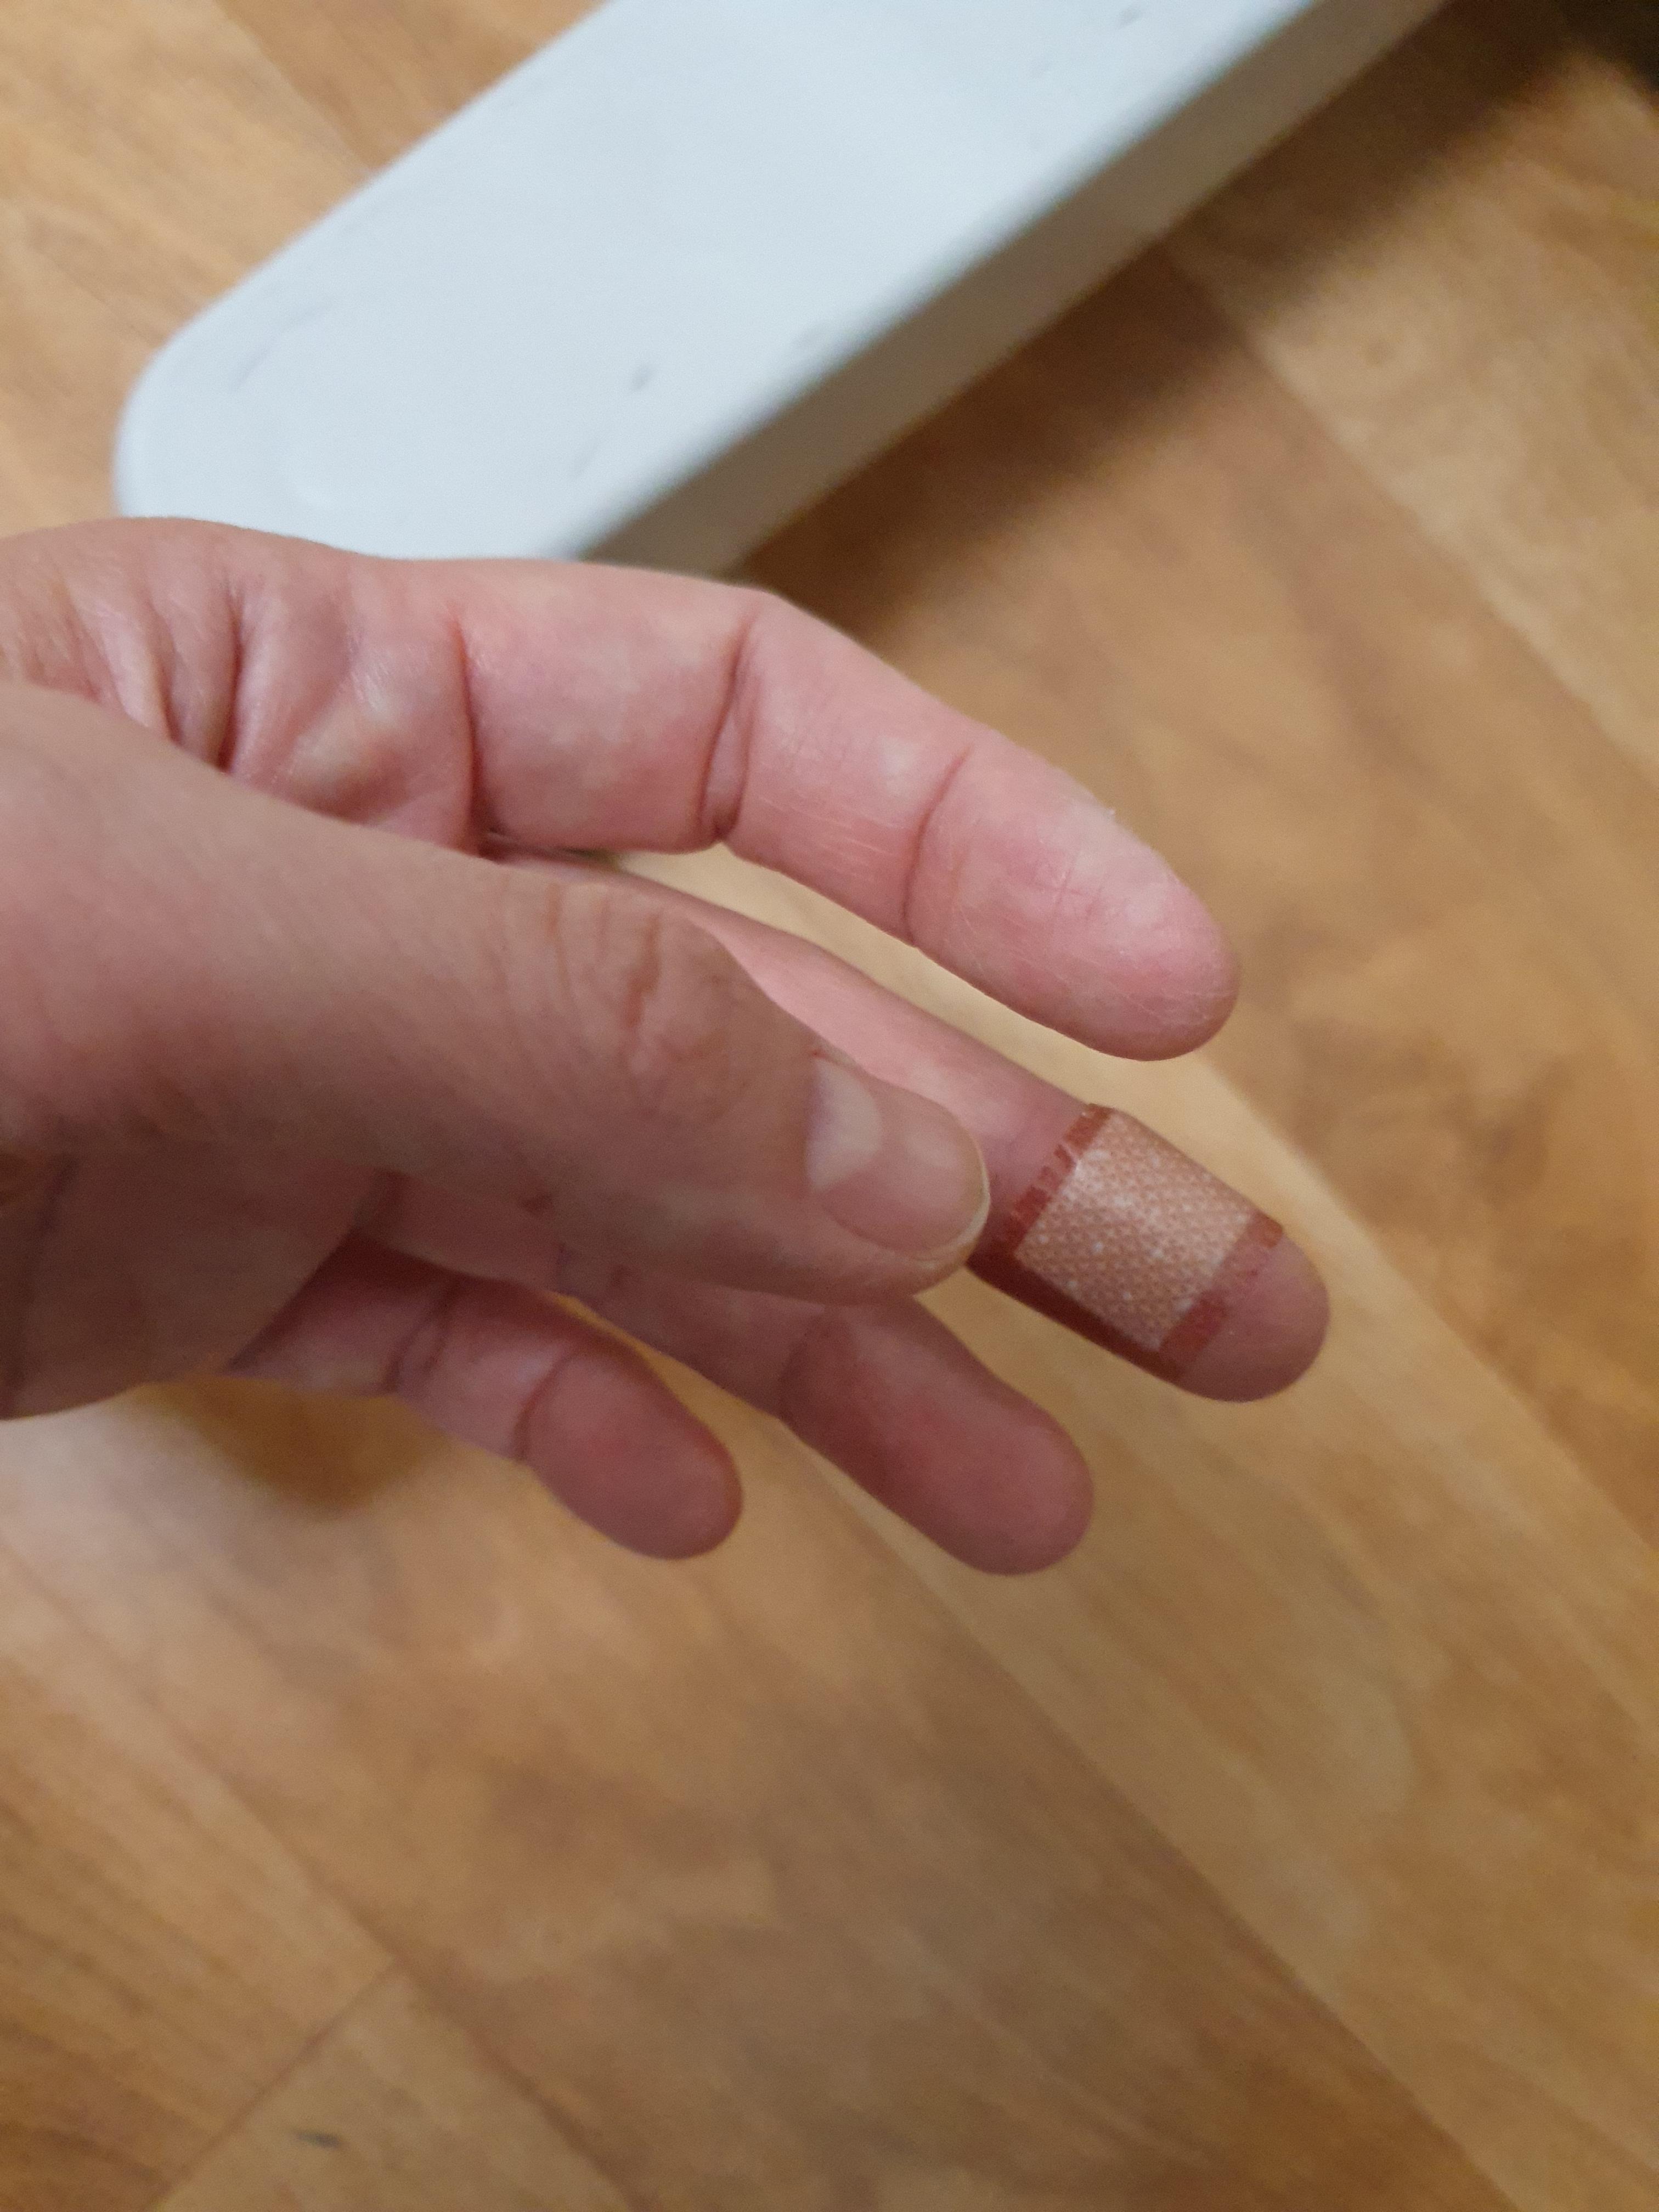 화상(냄비 손잡이에 데이다) : 메디폼과 손끝밴드